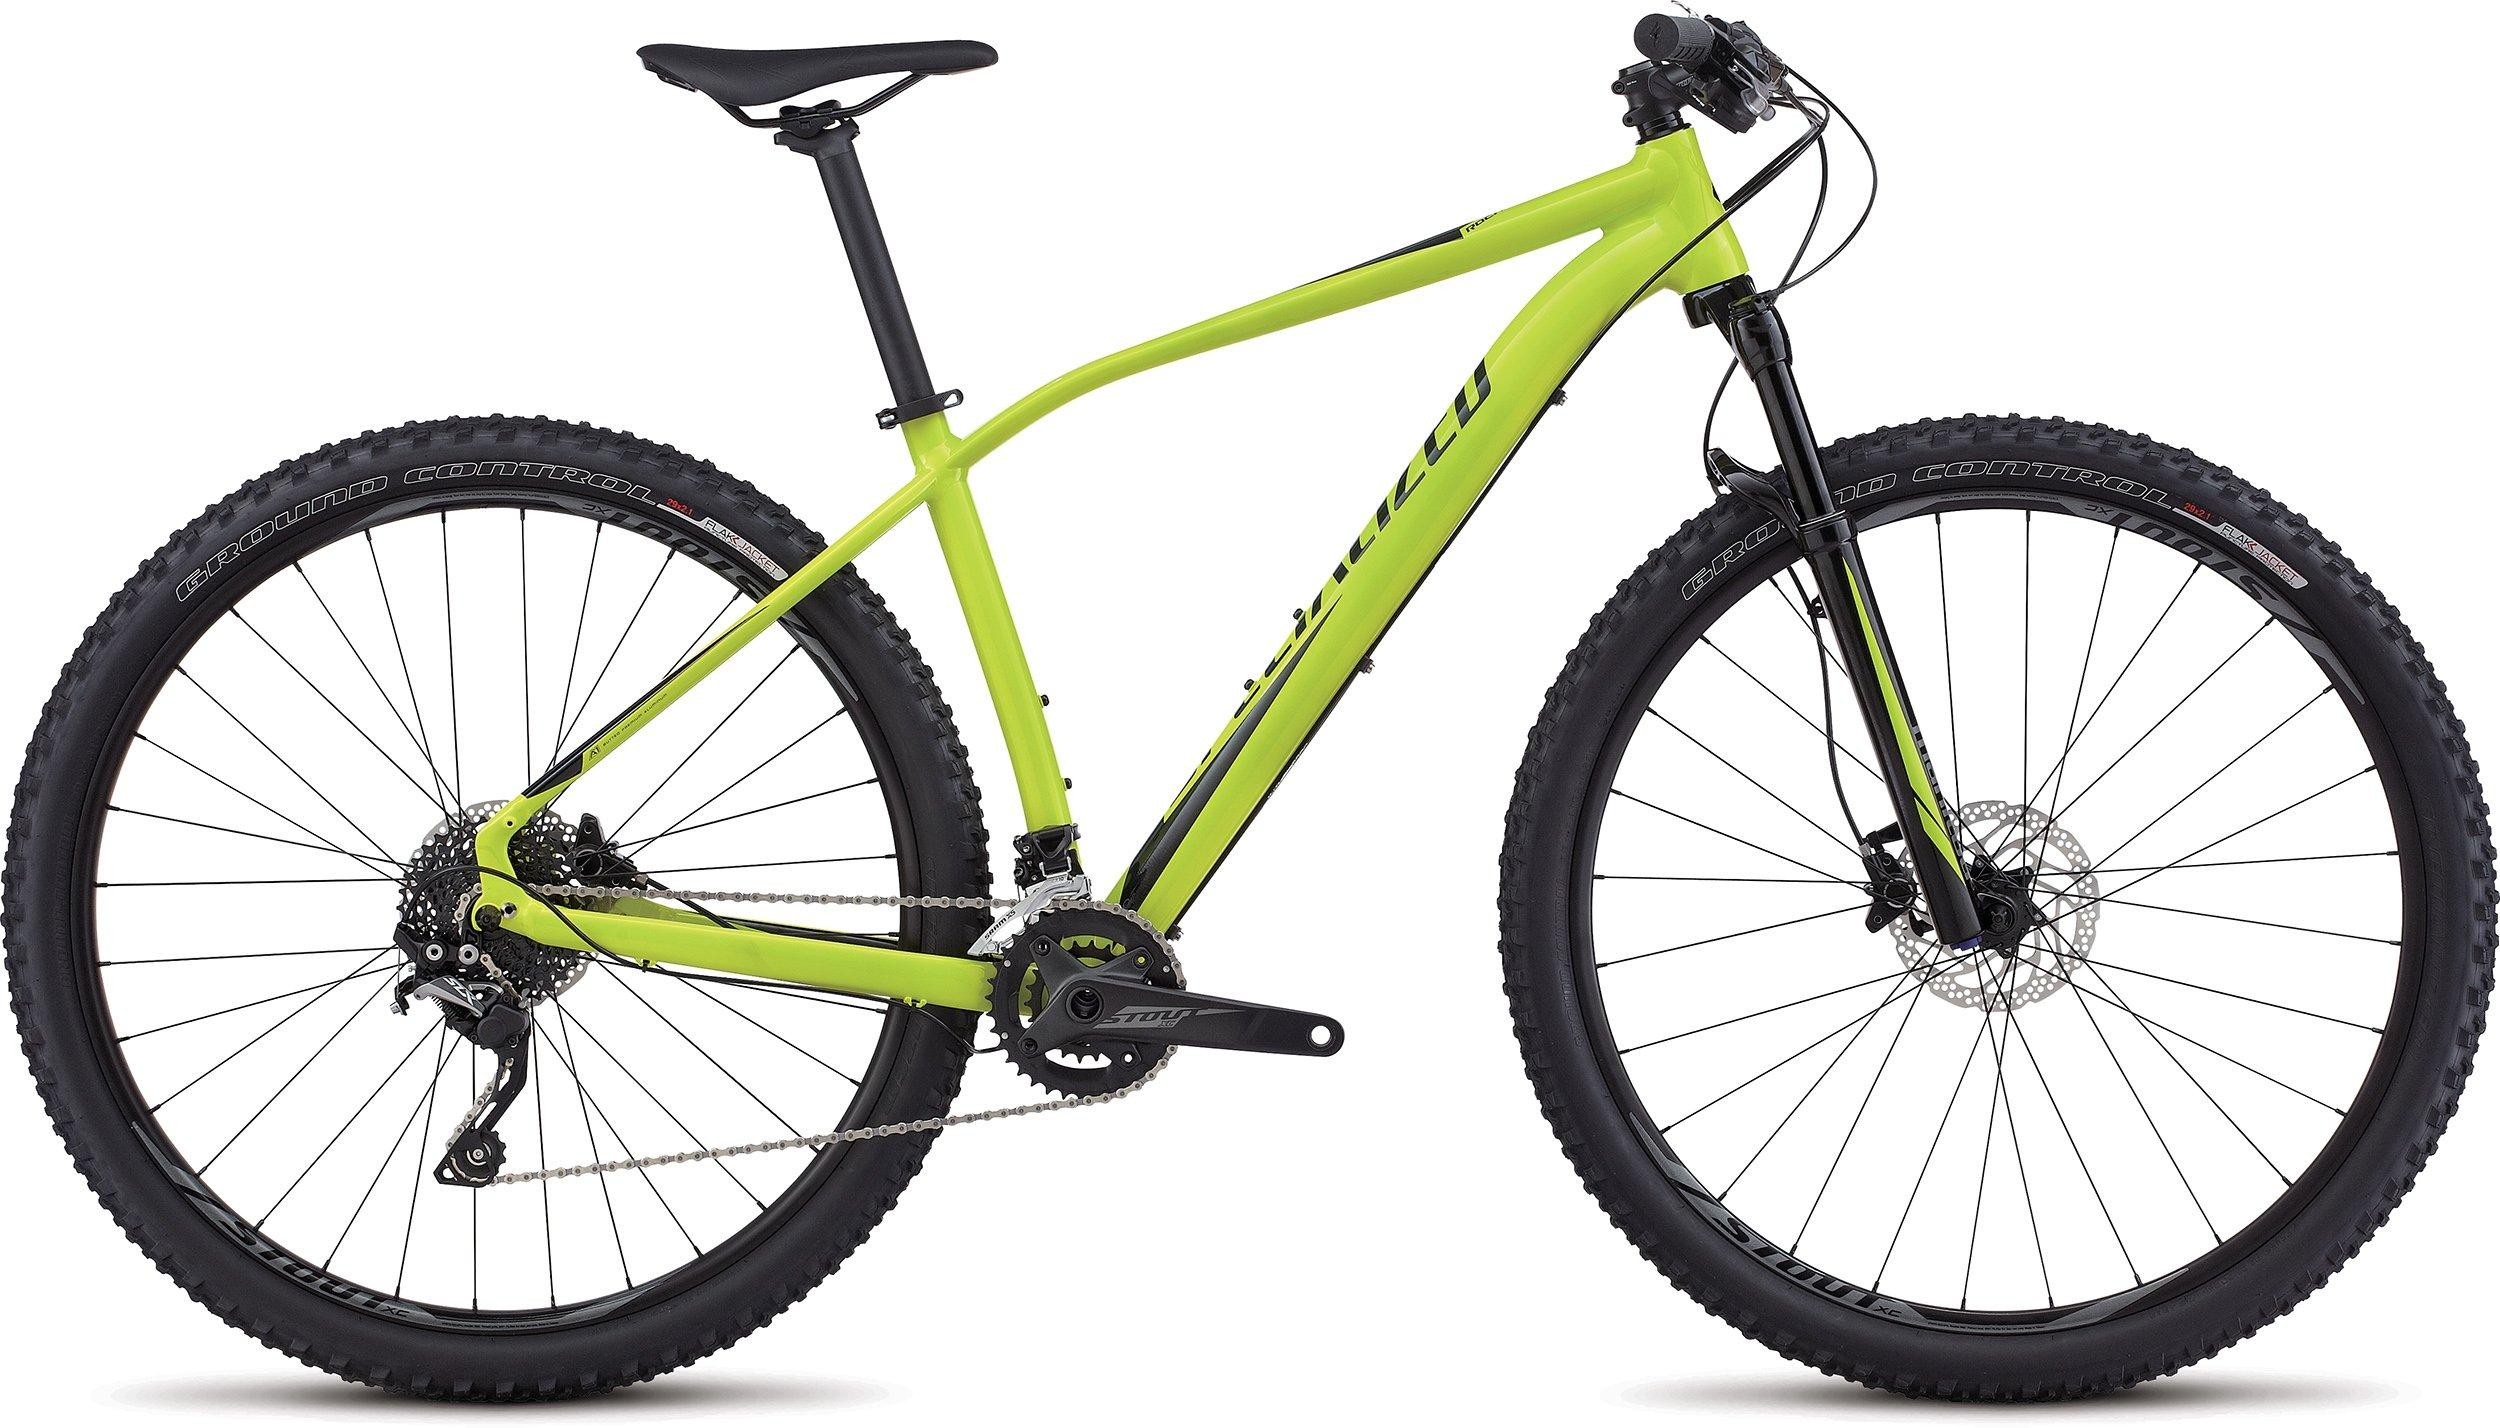 2017 specialized rockhopper expert 29er mountain bike h2 gear. Black Bedroom Furniture Sets. Home Design Ideas